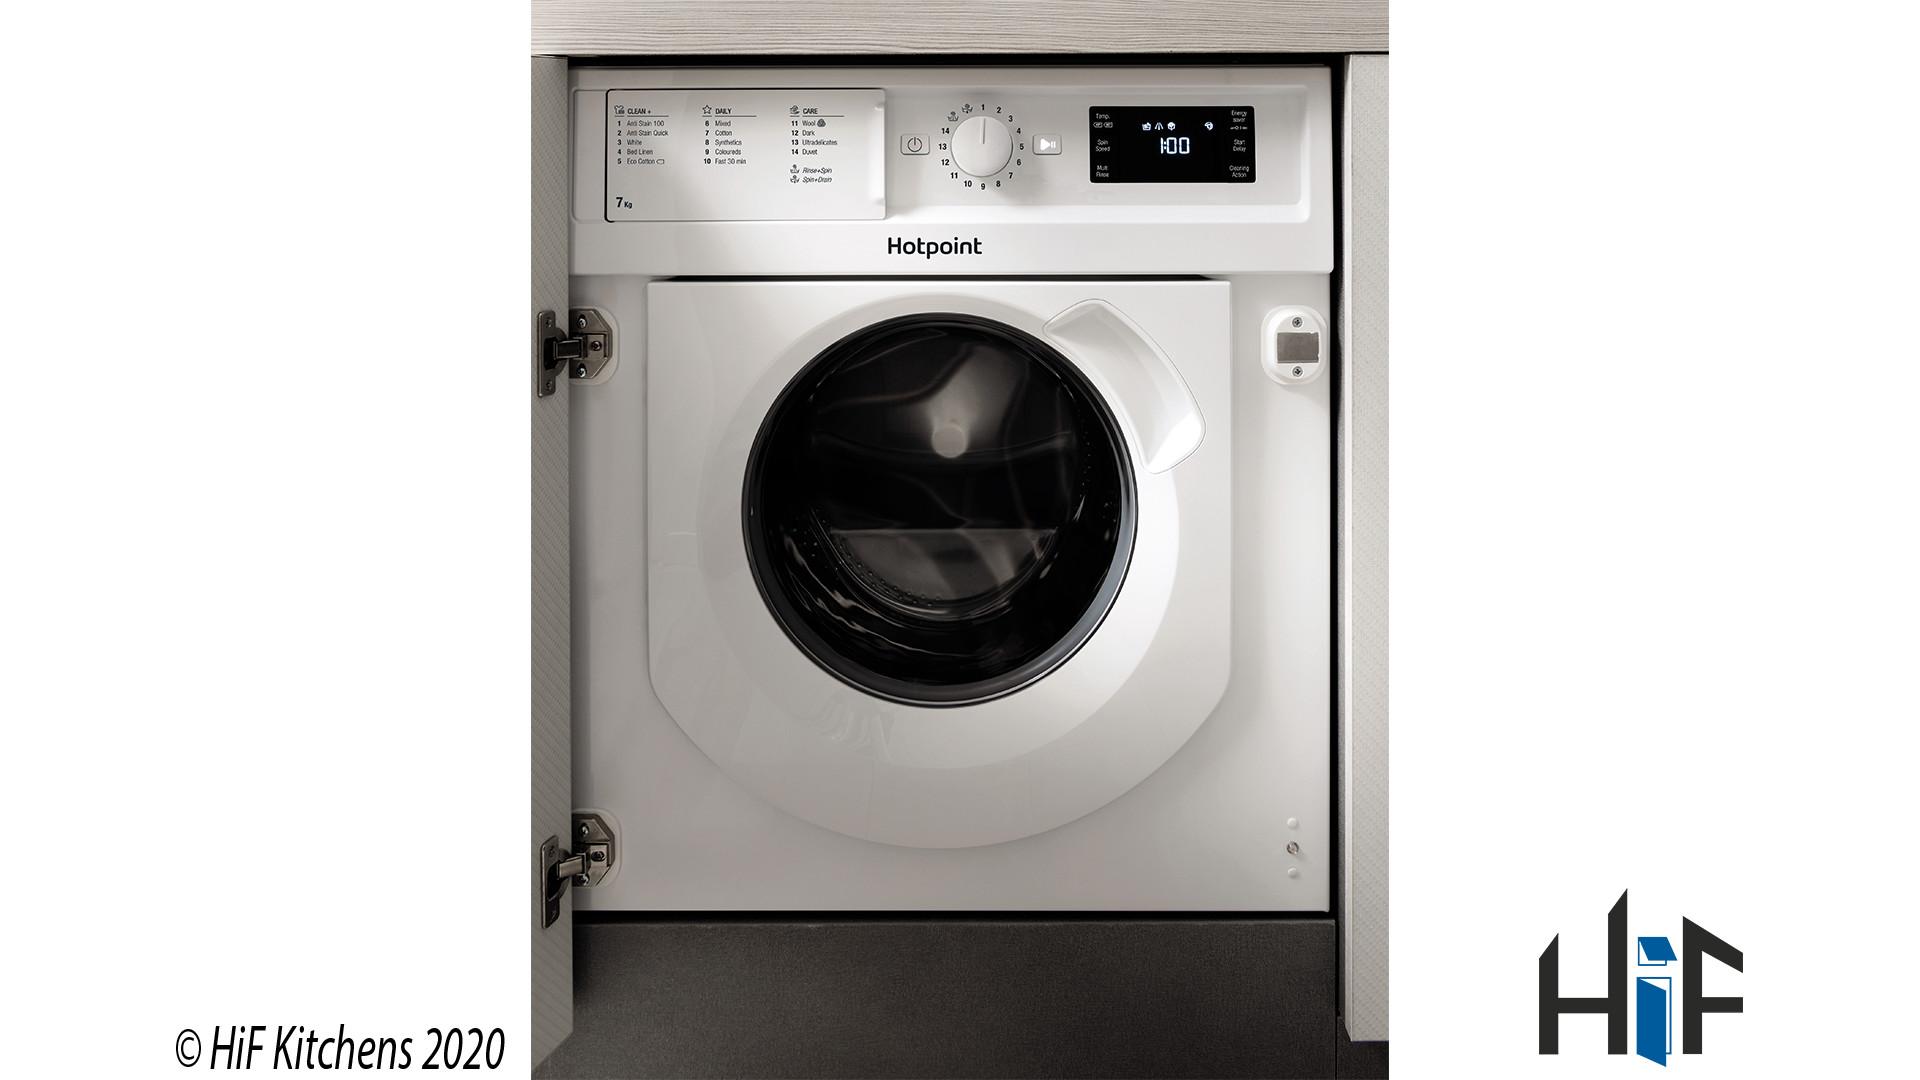 Hotpoint BI WMHG 71484 UK Integrated Washing Machine